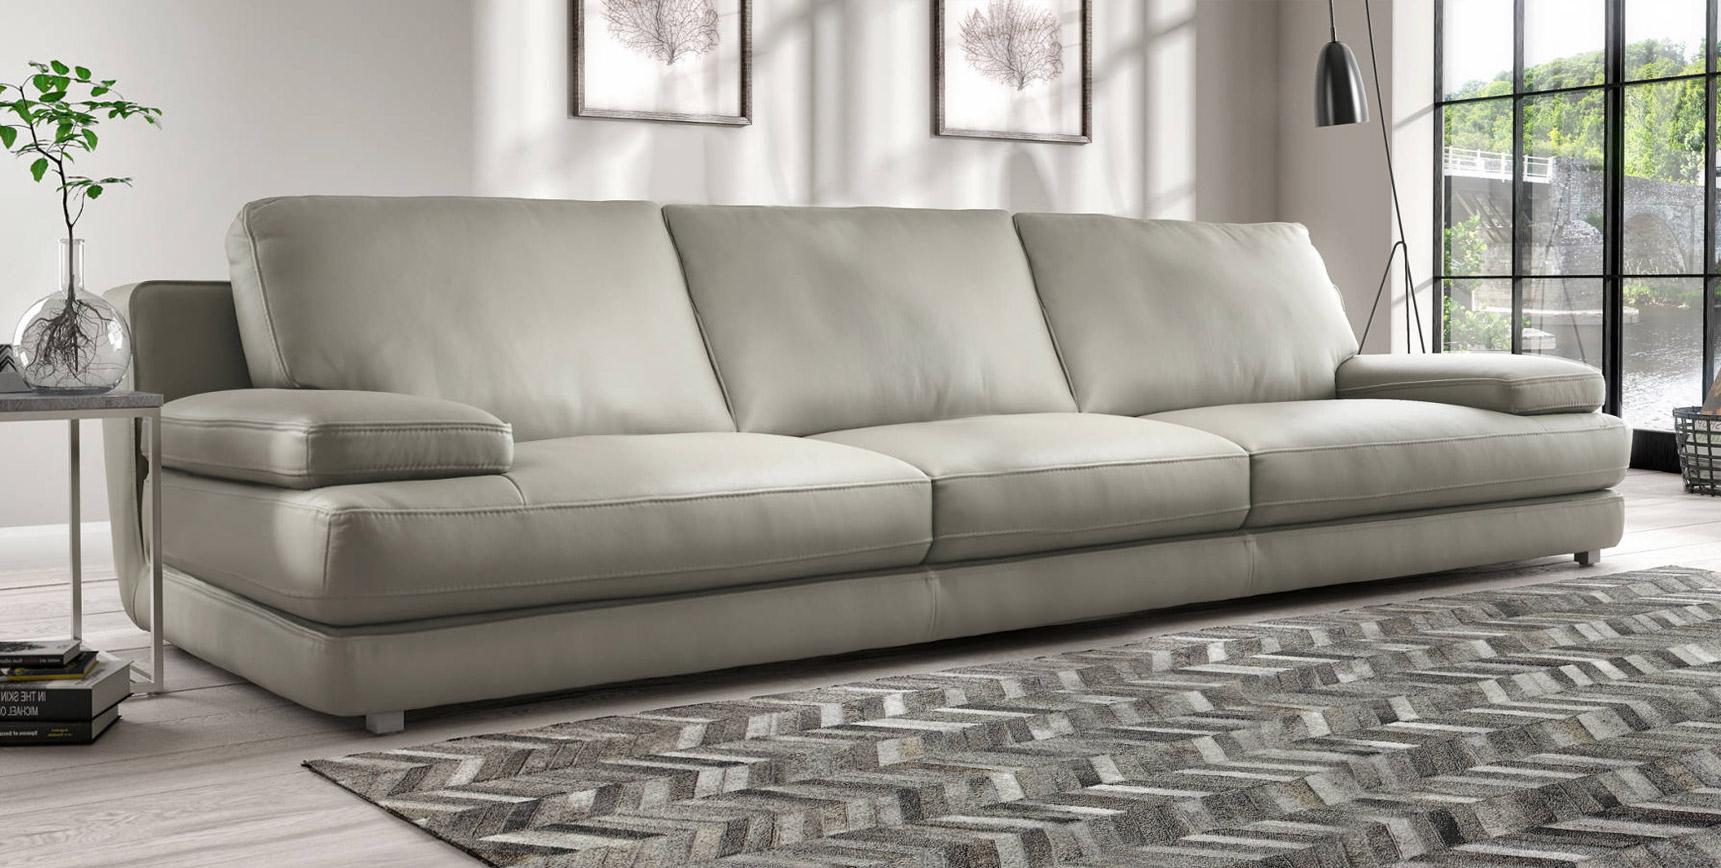 divano moderno enterprise